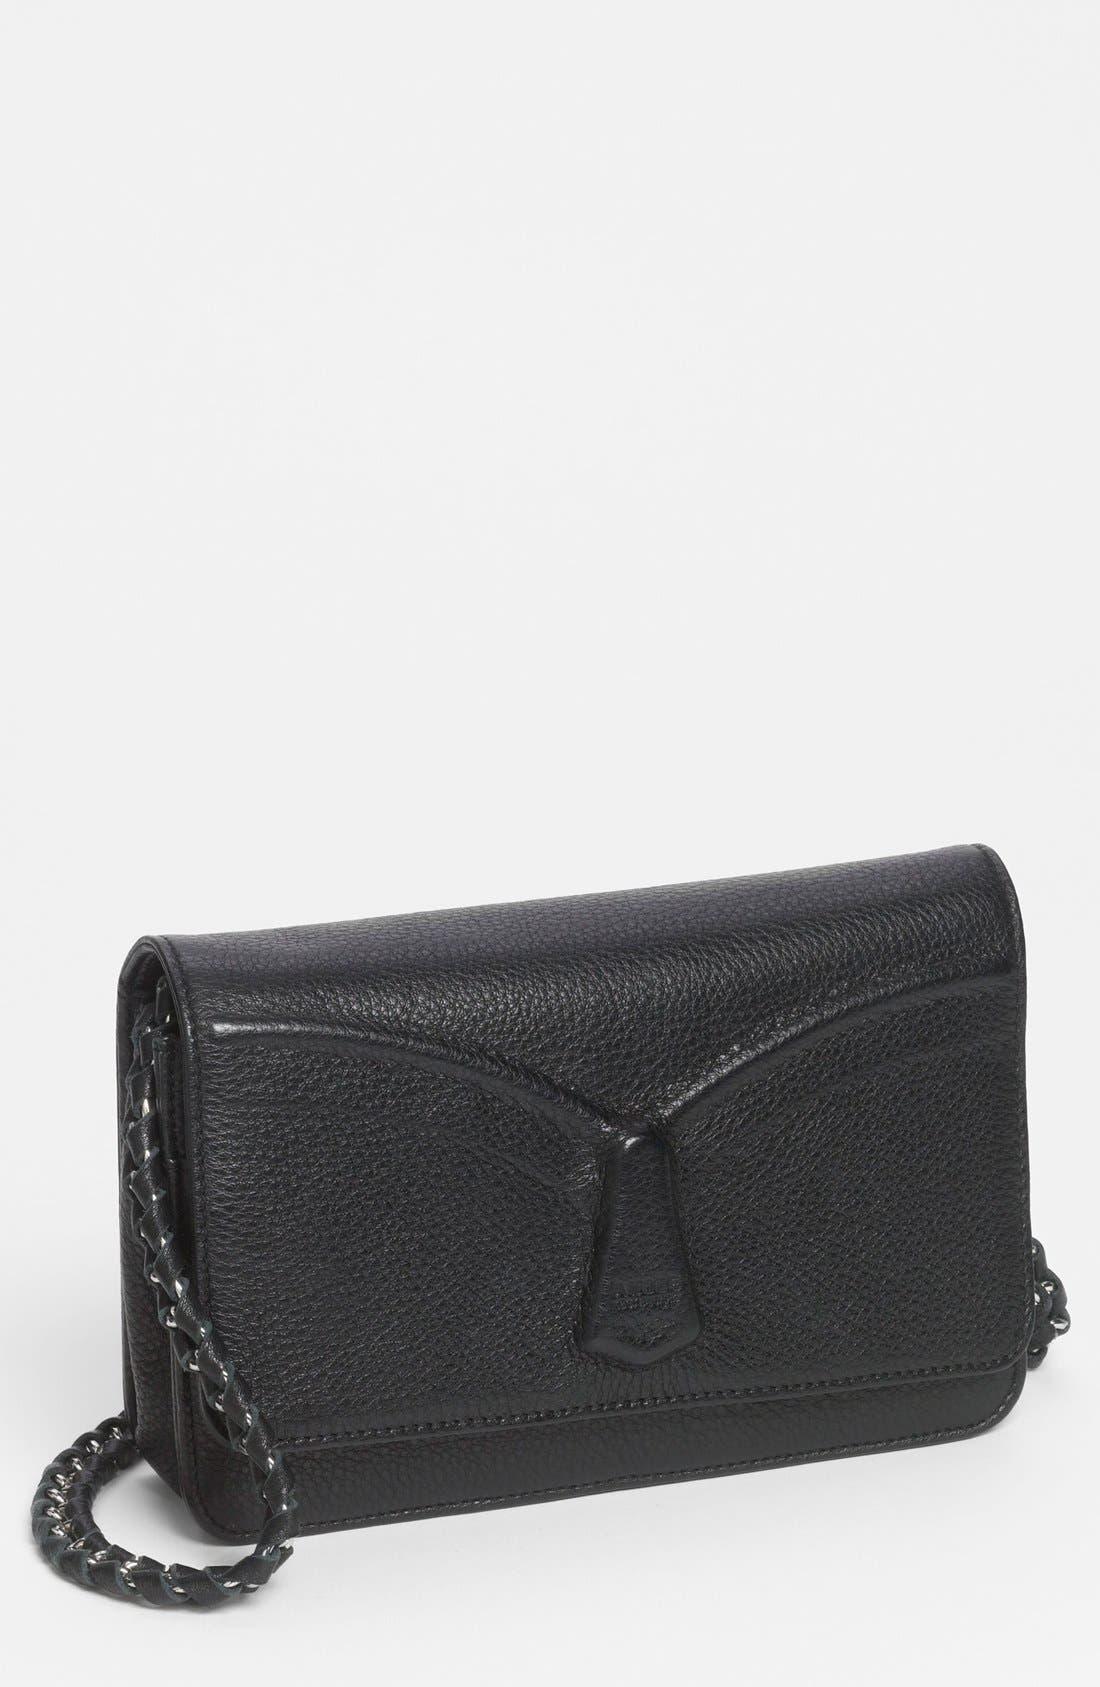 AIMEE KESTENBERG 'Kiera' Crossbody Bag, Main, color, 001